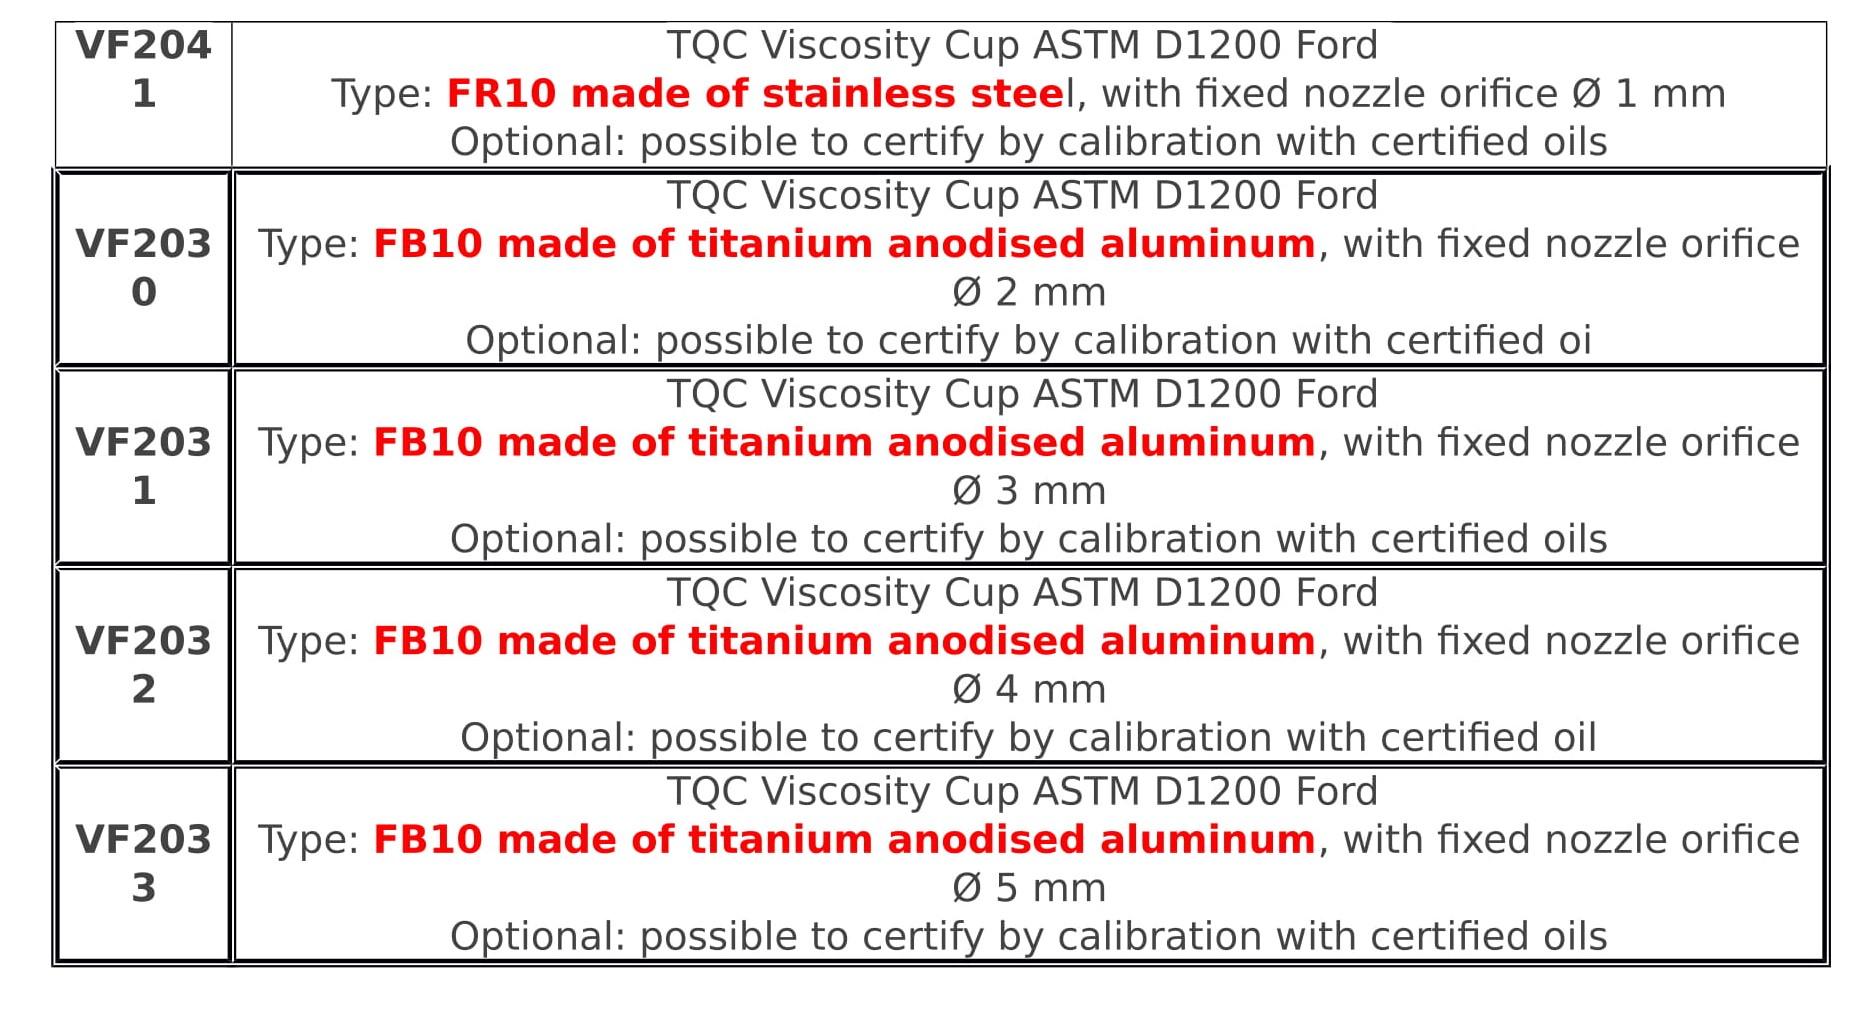 Cốc đo độ nhớt ASTM D1200 Ford thông tin đặt hàng.png